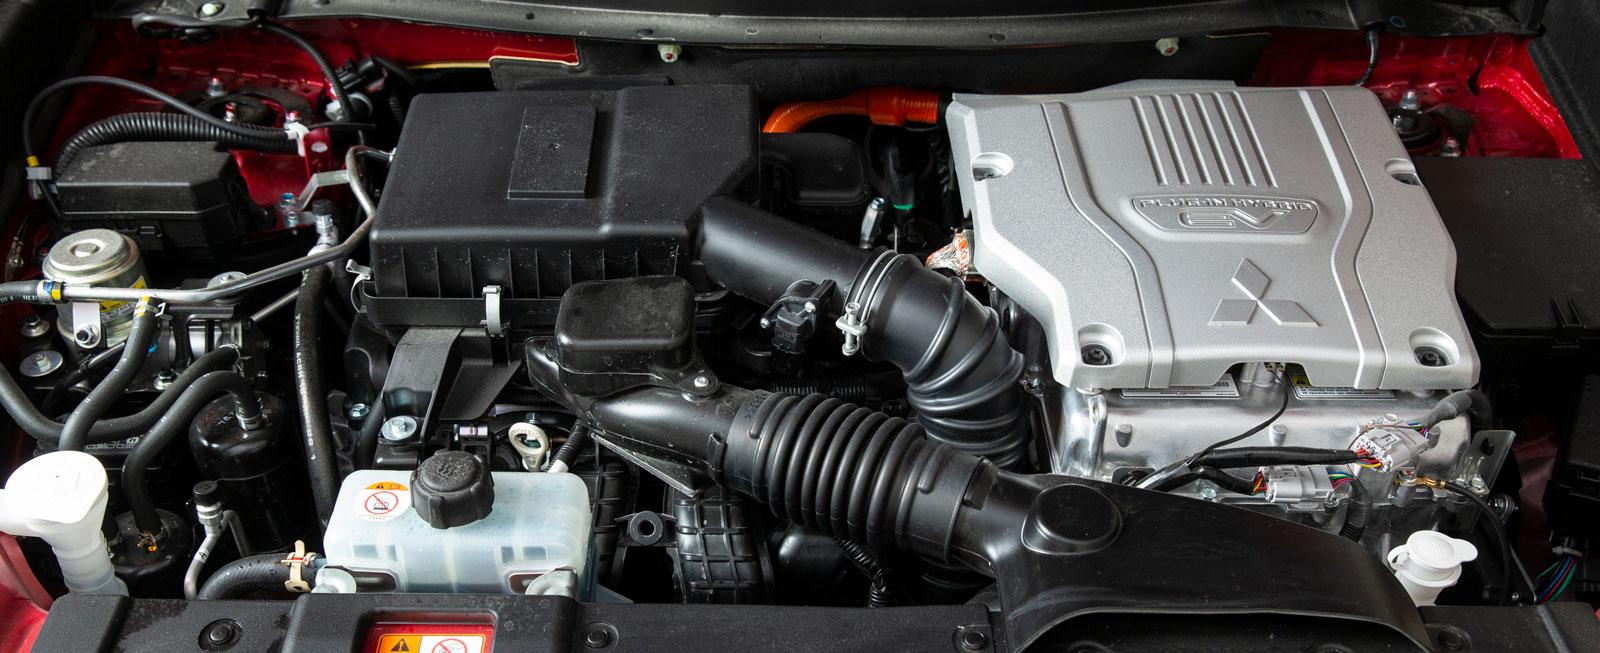 Större och starkare bensin- och elmotorer gör mycket för körkomforten och fyrhjulsdriften, men bensinmotorn hörs tydligt emellanåt. Skiftena mellan bränslena går sömlöst.